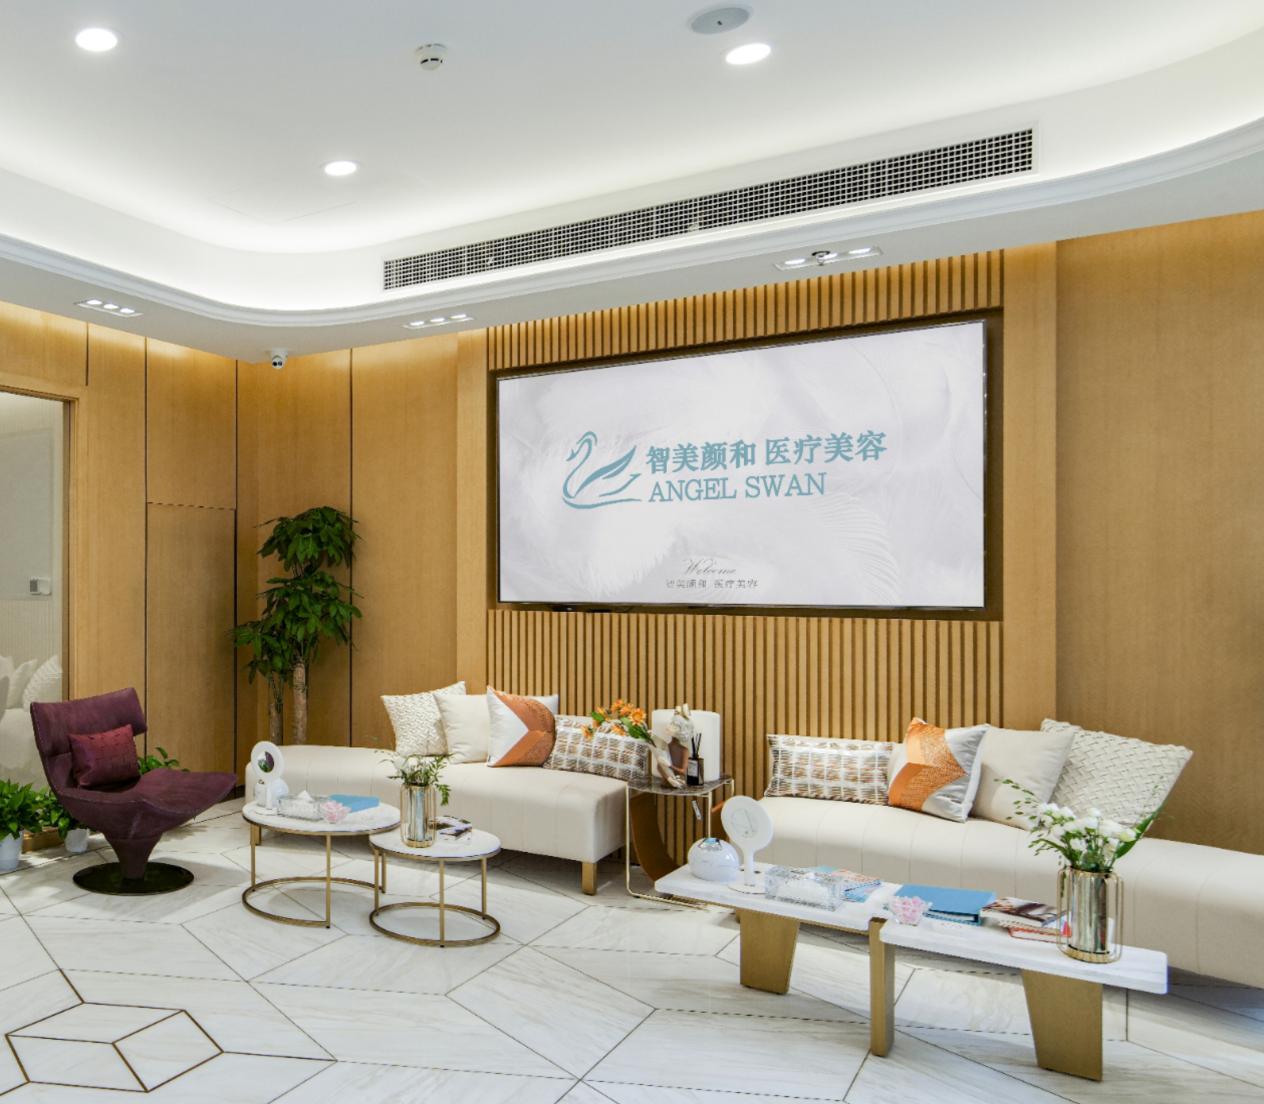 上海智美颜和多年专注轻医美,屡获消费者好评